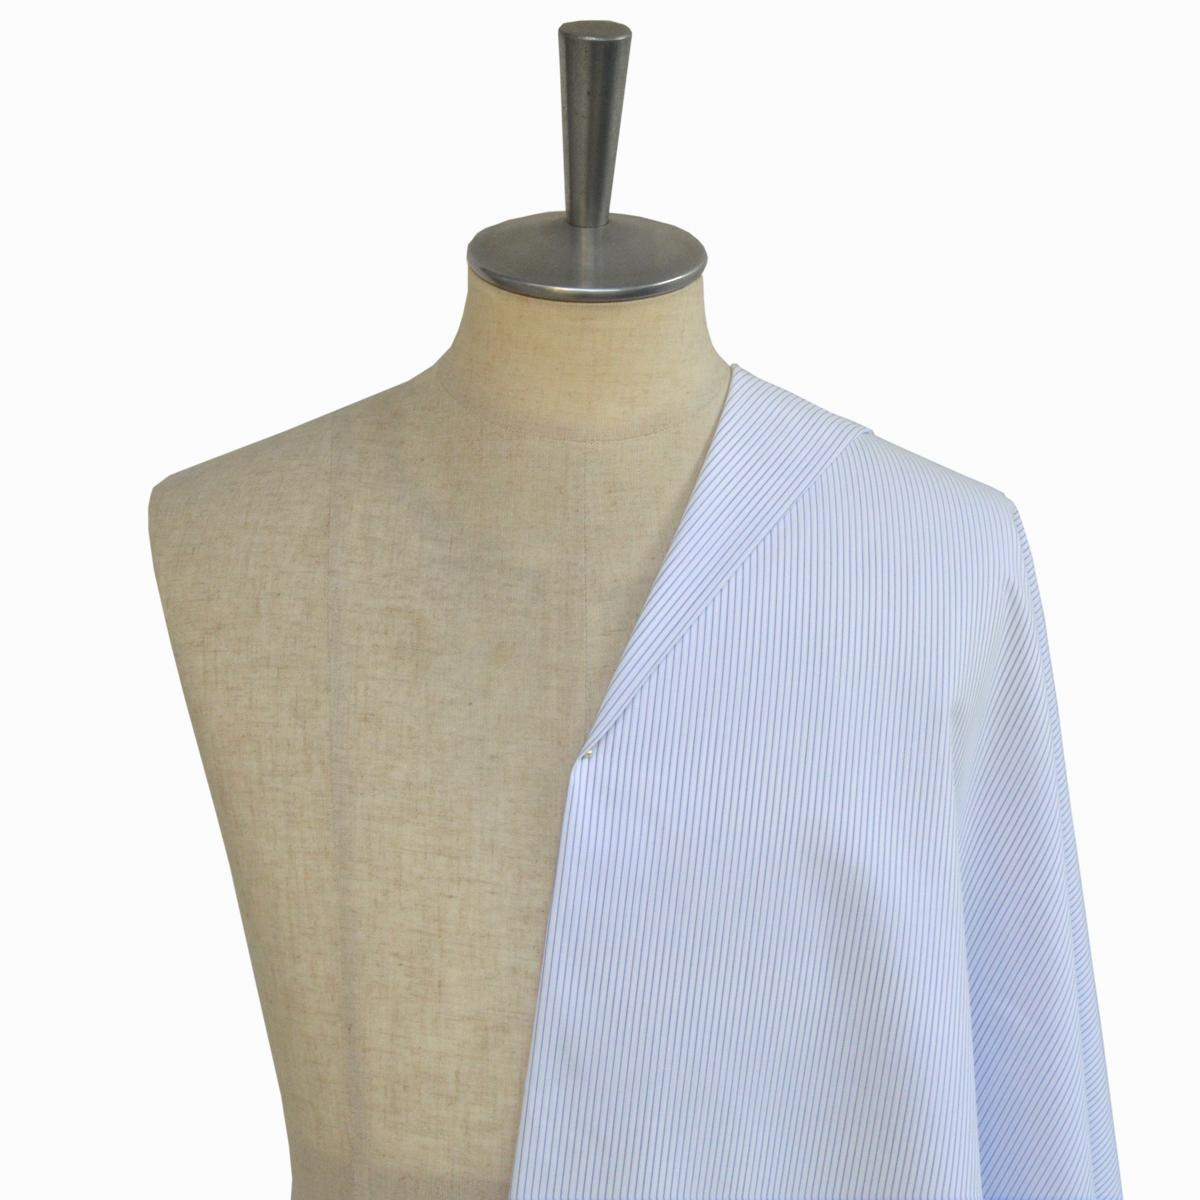 [オーダーシャツ]【イージーケア】上質綿100%にイージーケア加工でアイロンがけが楽々!